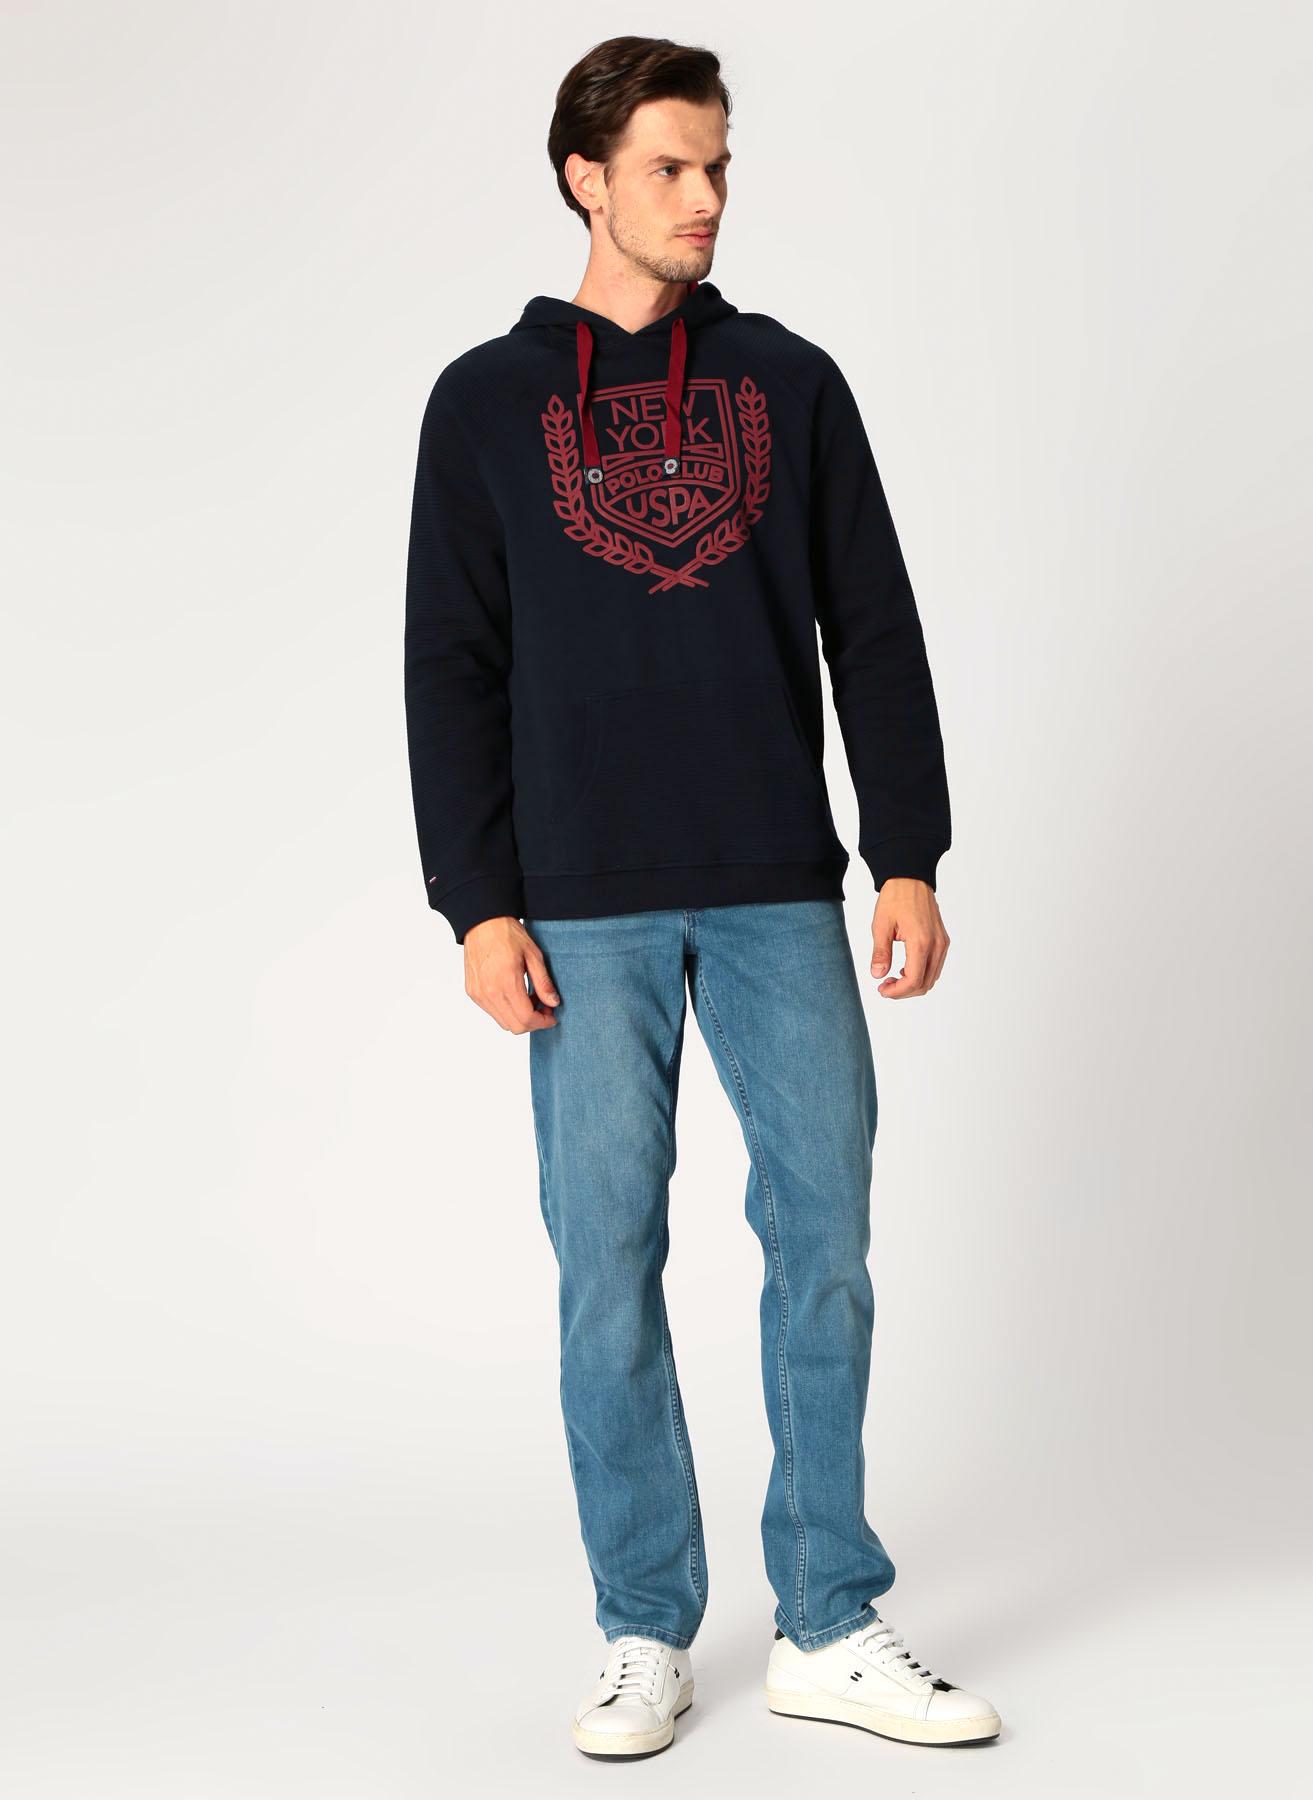 U.S. Polo Assn. Koyu Lacivert Sweatshirt XL 5001704412002 Ürün Resmi